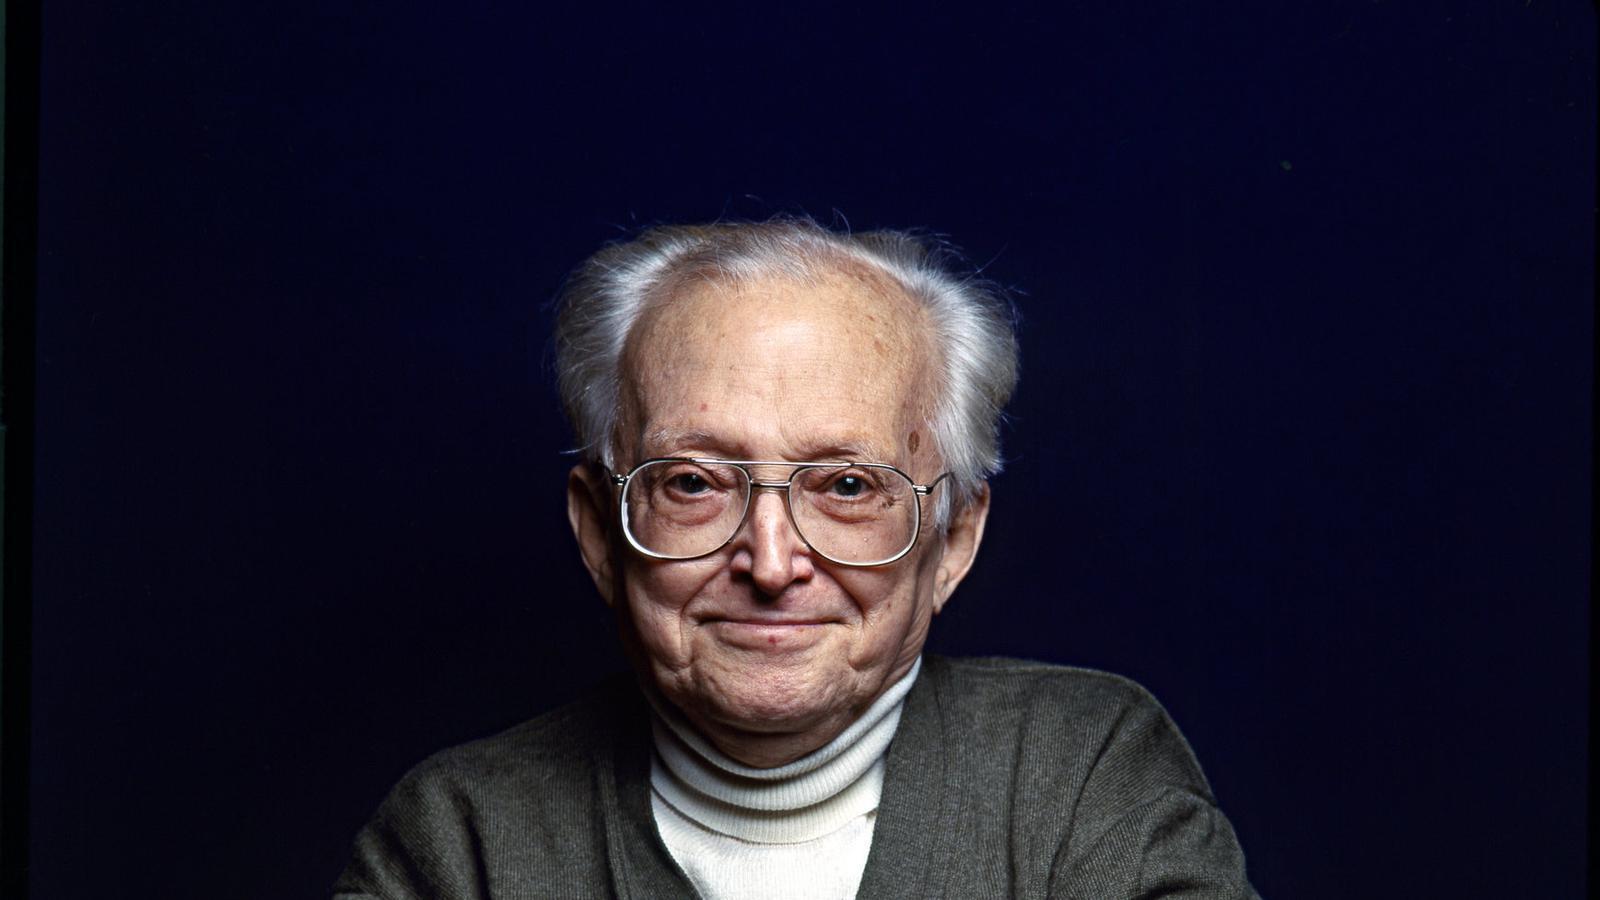 Pere Calders (1912-1994), un dels grans autors de la literatura catalana del segle XX, no va perdre mai el somriure.